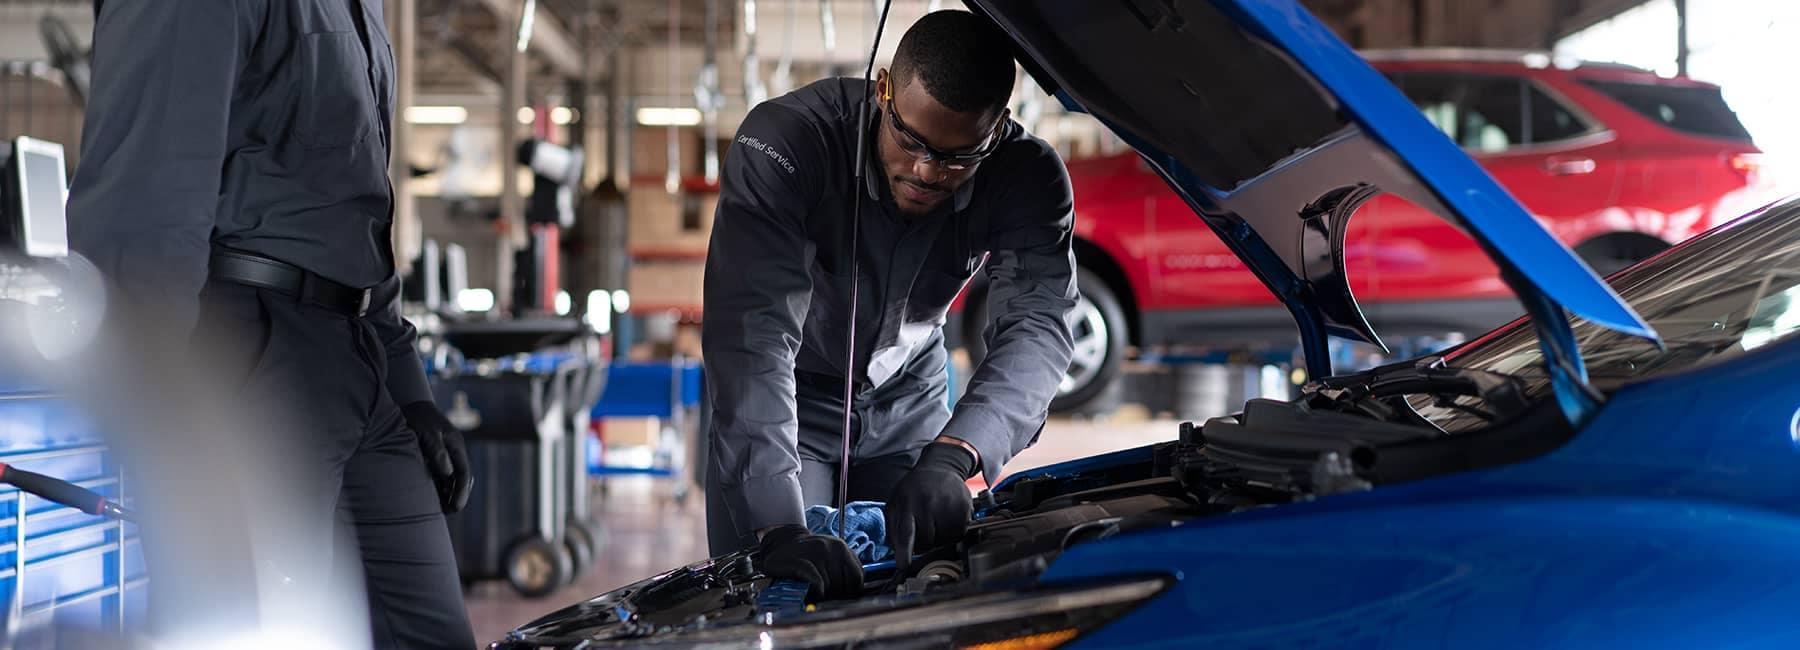 Certified technician examines under car hood